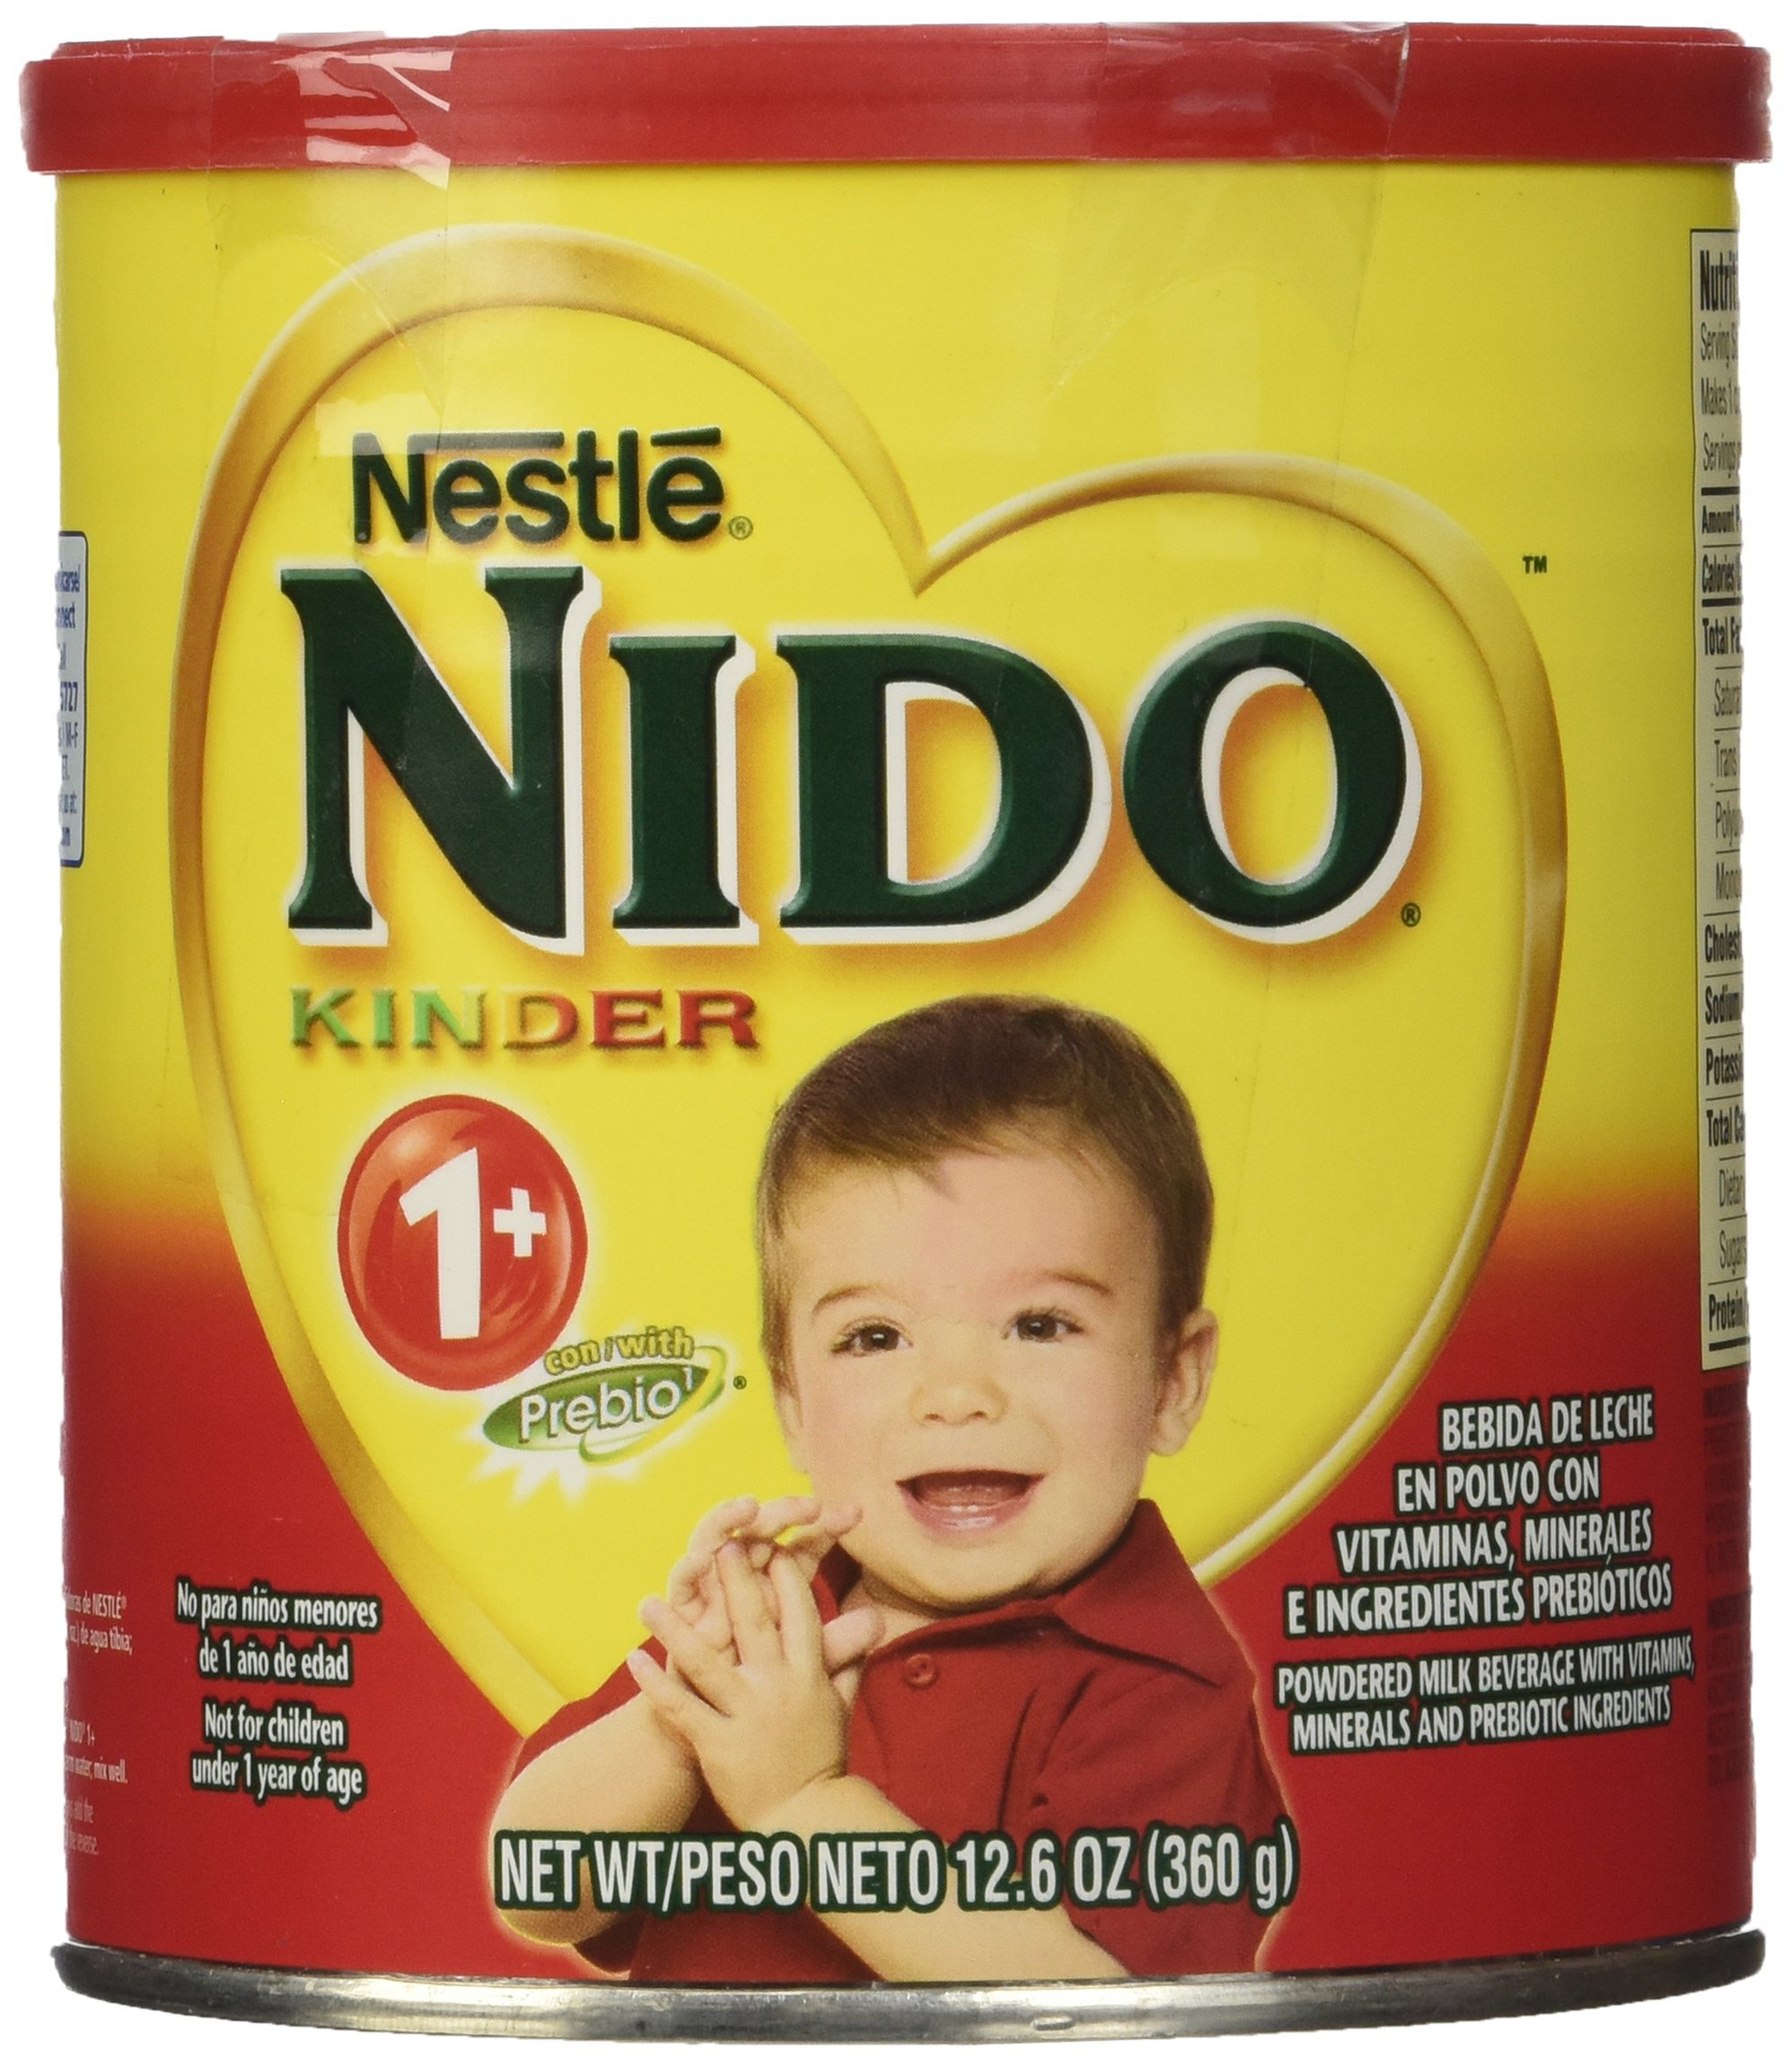 Nestle NIDO Kinder 1+ Powdered Milk Beverage, 12.69 oz. Canister by Nido